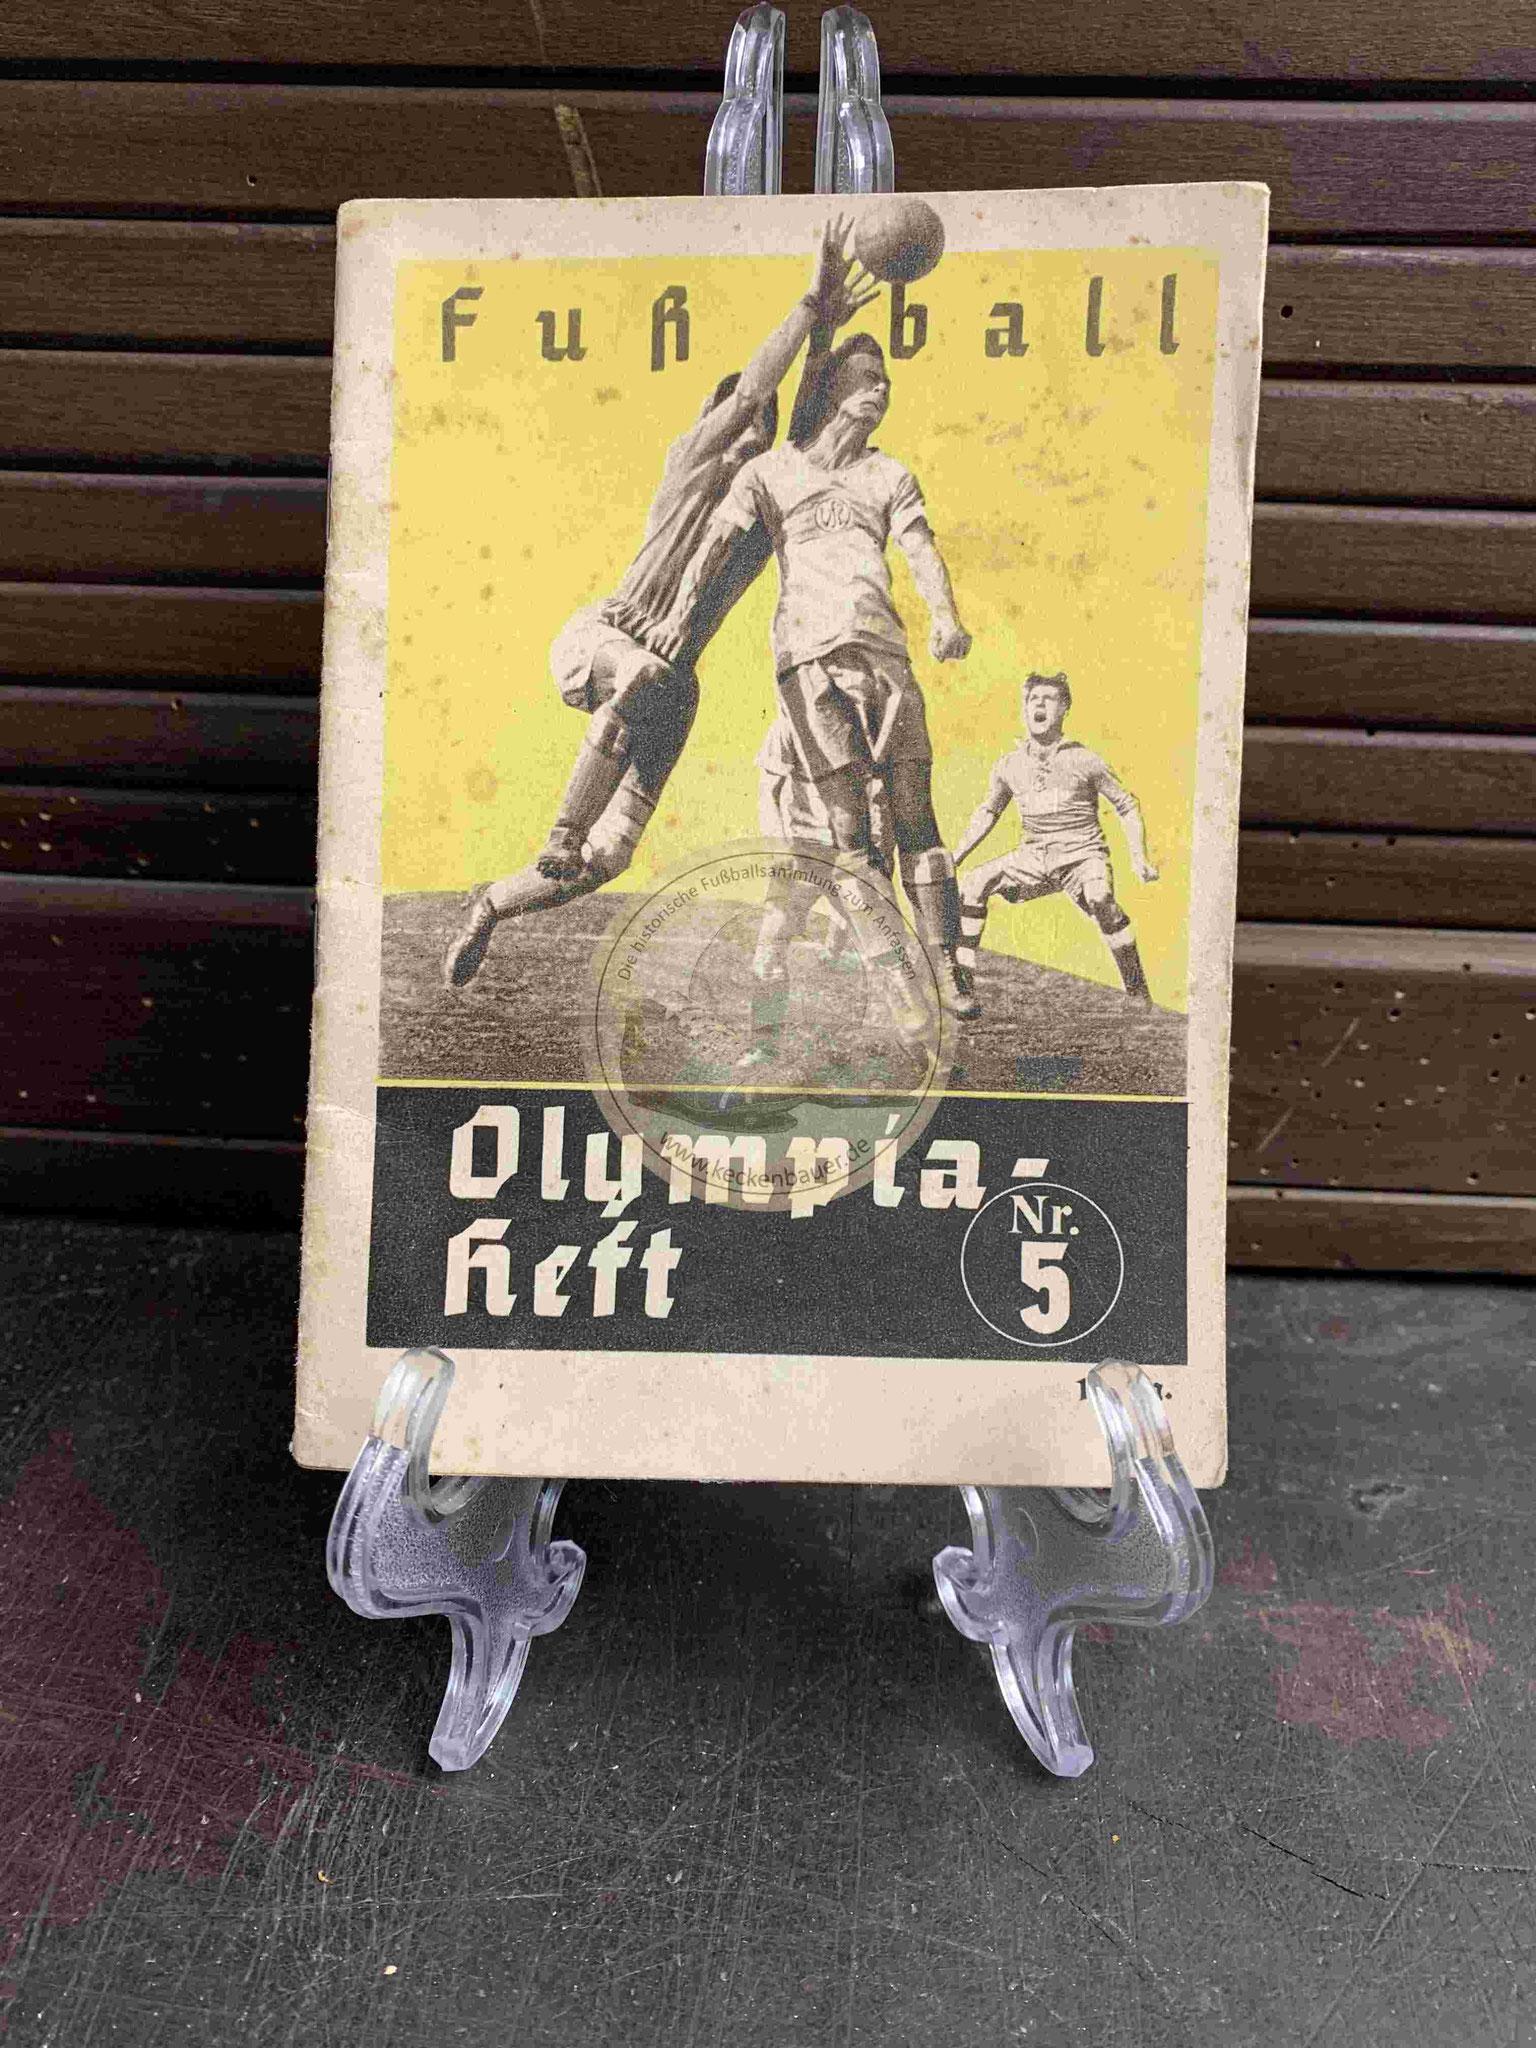 Fußball Olympia Heft Nr. 5 aus dem Jahr 1936